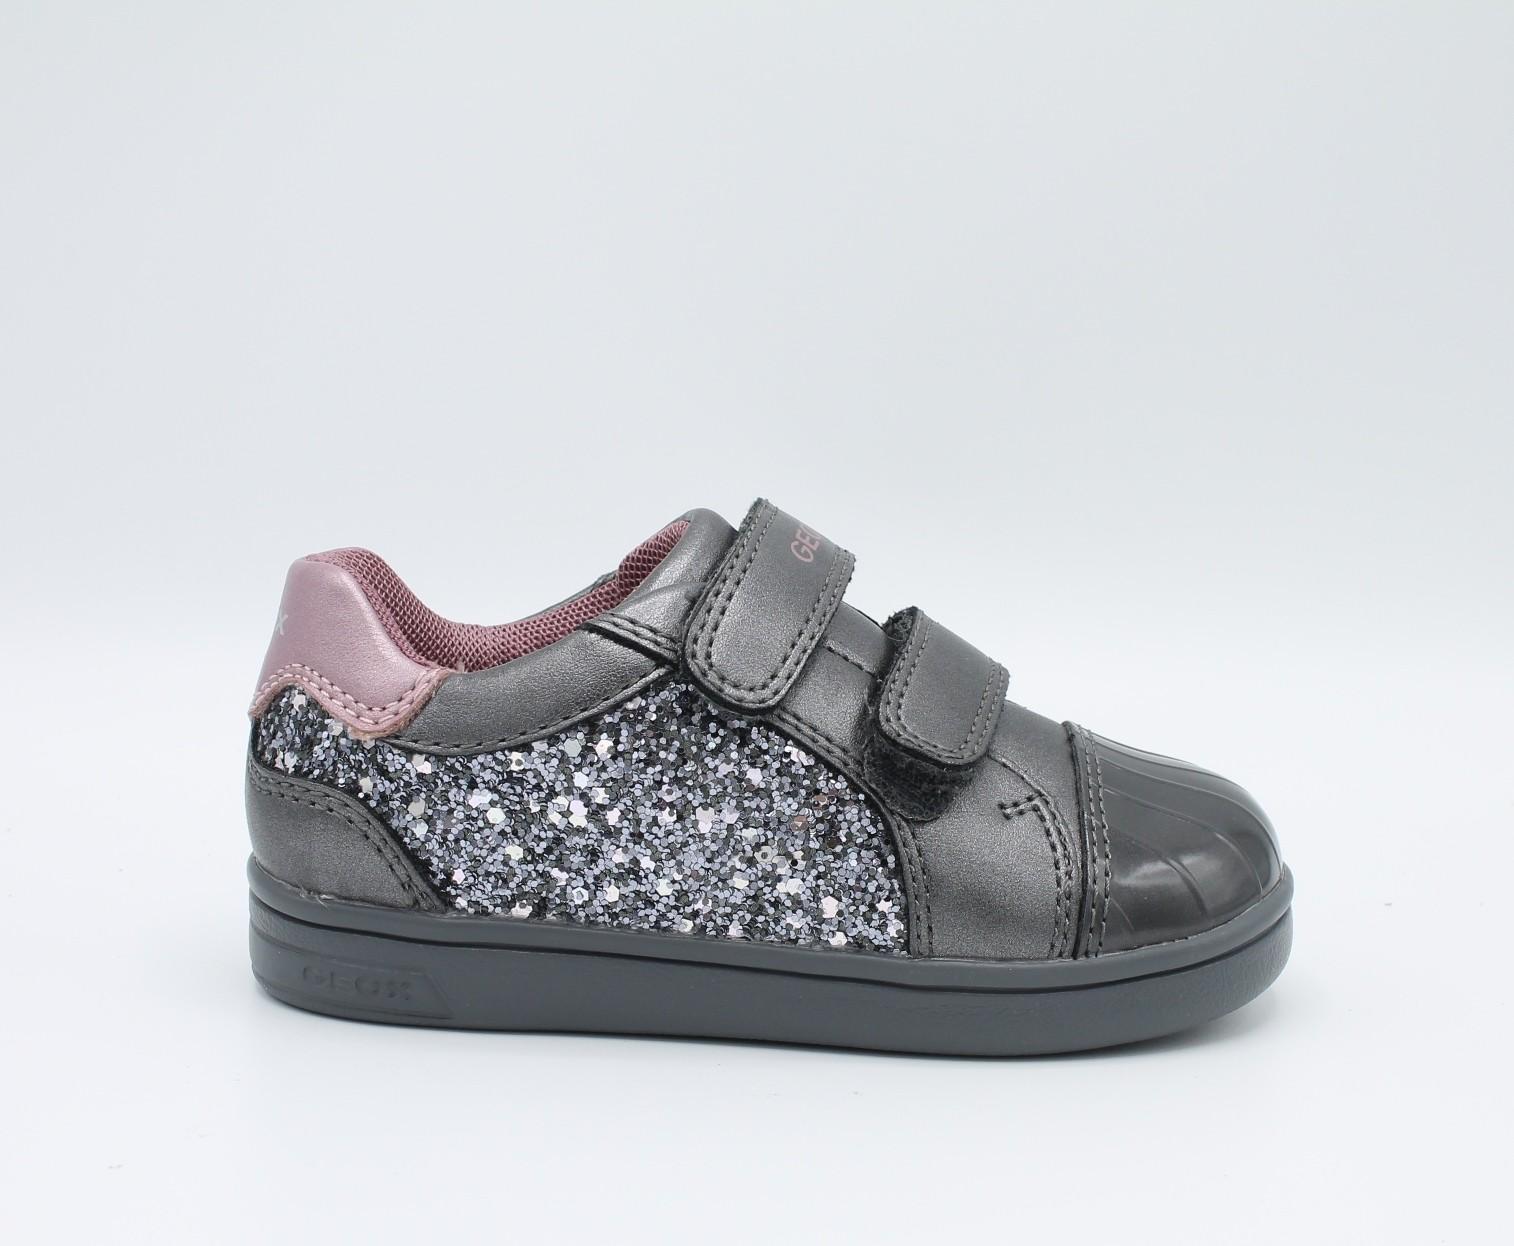 Geox scarpe da bambina con glitter Grigio B821WE Dj Rock - Angela Barba 1f5abcd2398